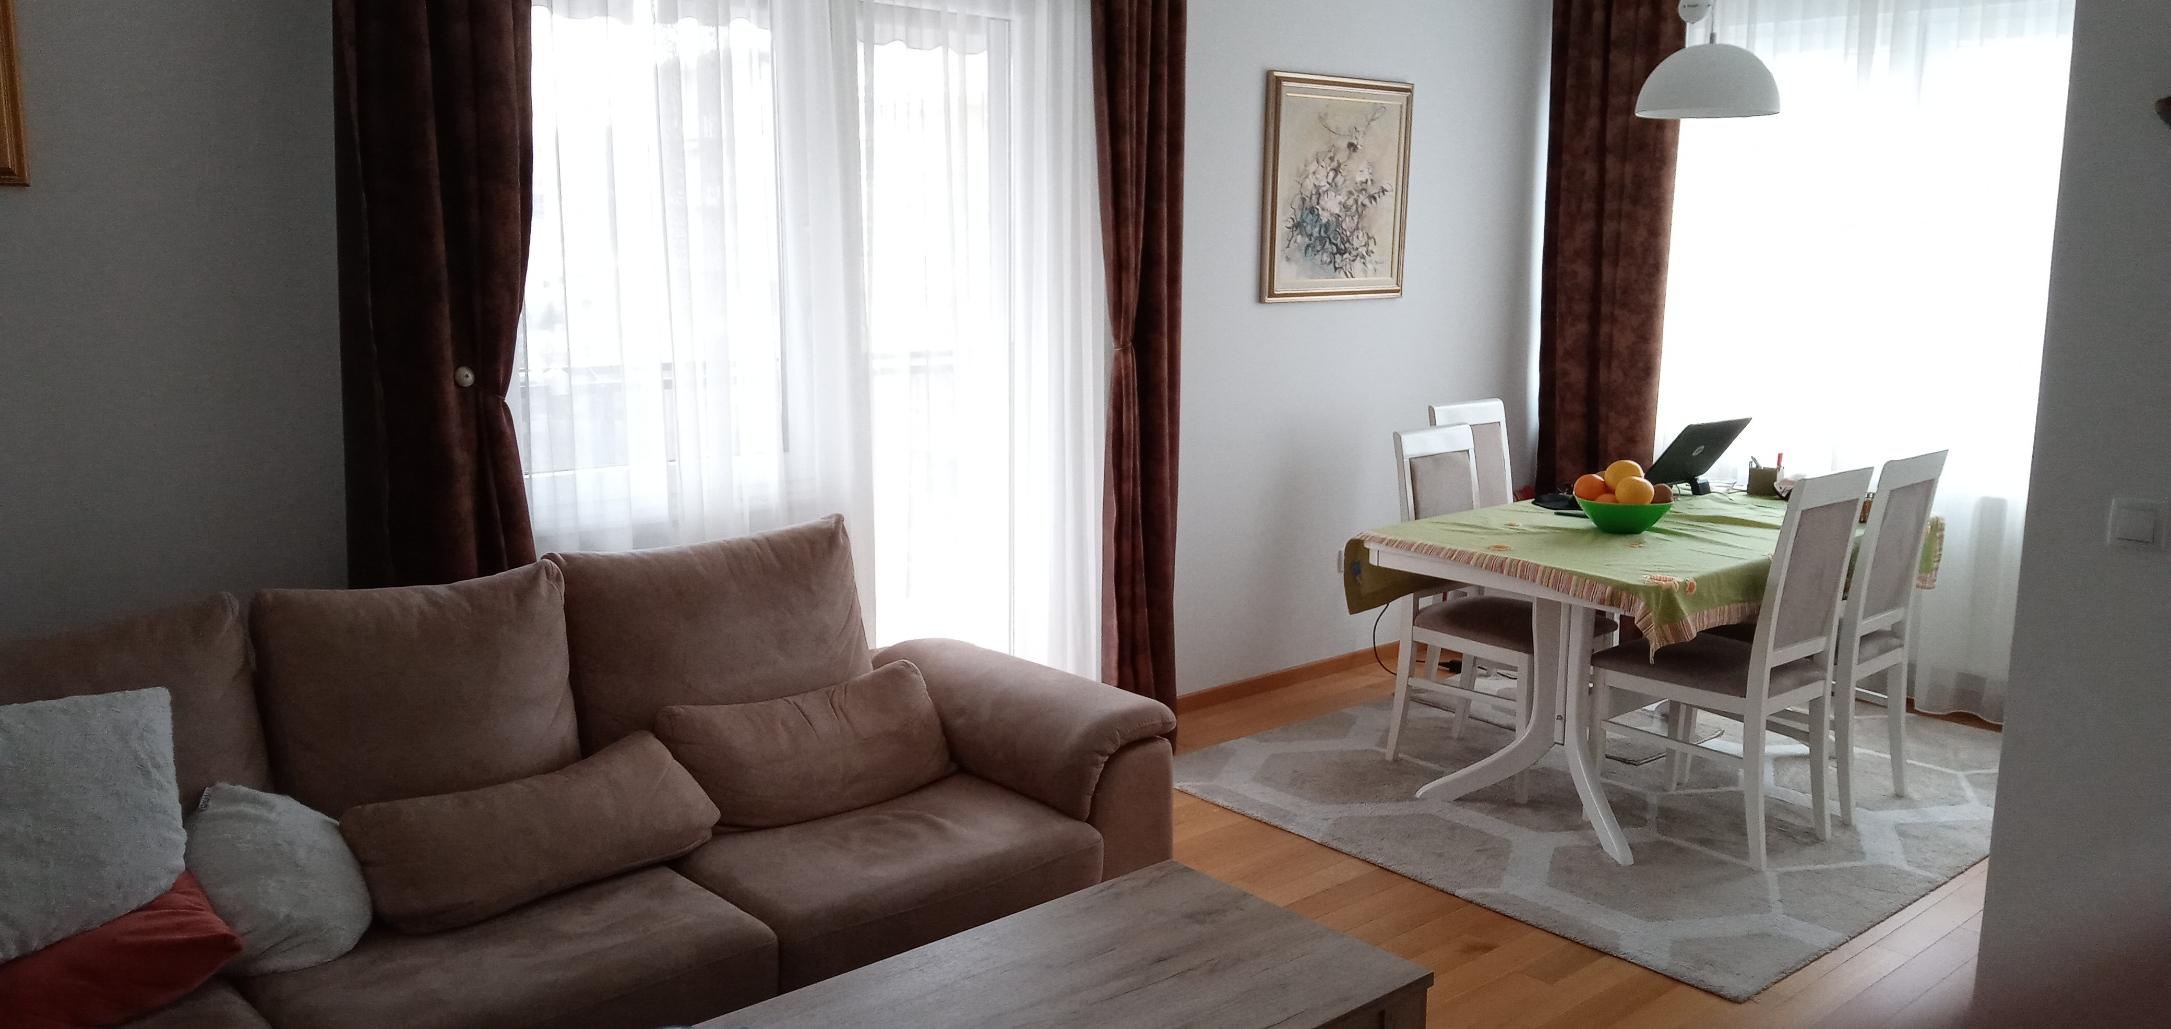 Σλοβενία: Αυστηροποίηση κανονισμών για ενοικίαση διαμερισμάτων και σπιτιών από το ΥΠΟΙΚ